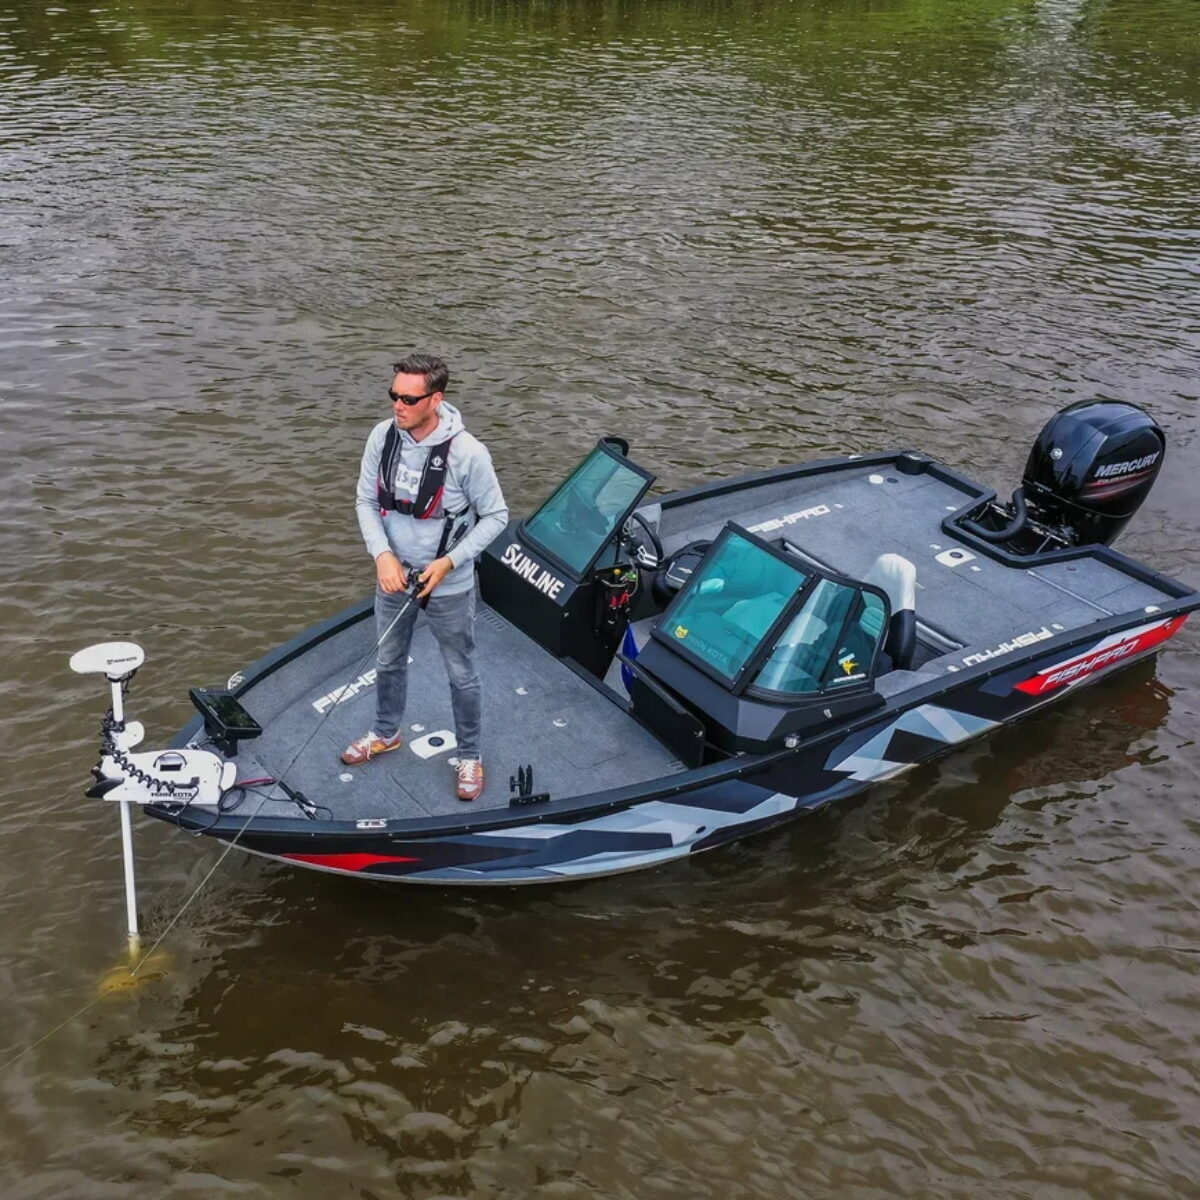 FishPro X7 Mercury 150HK Kastedekk